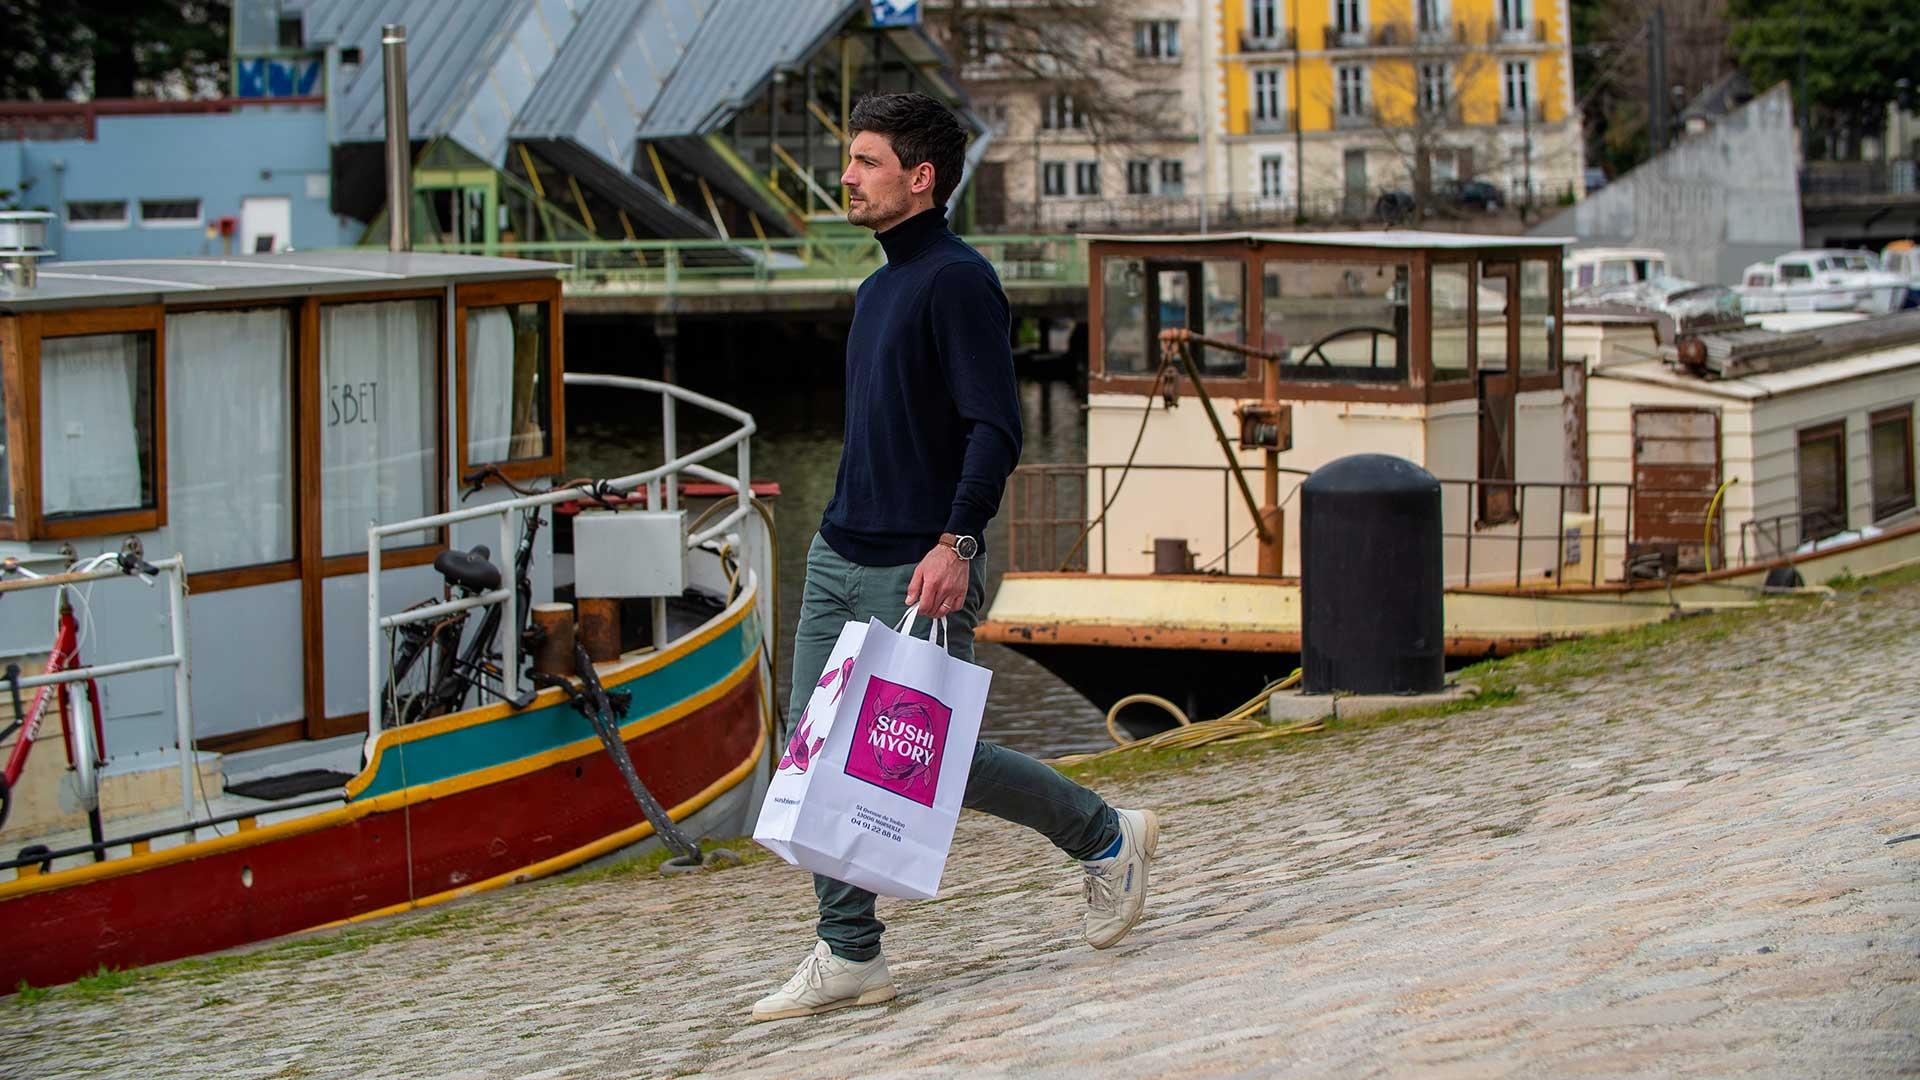 Pack-e carrier bag